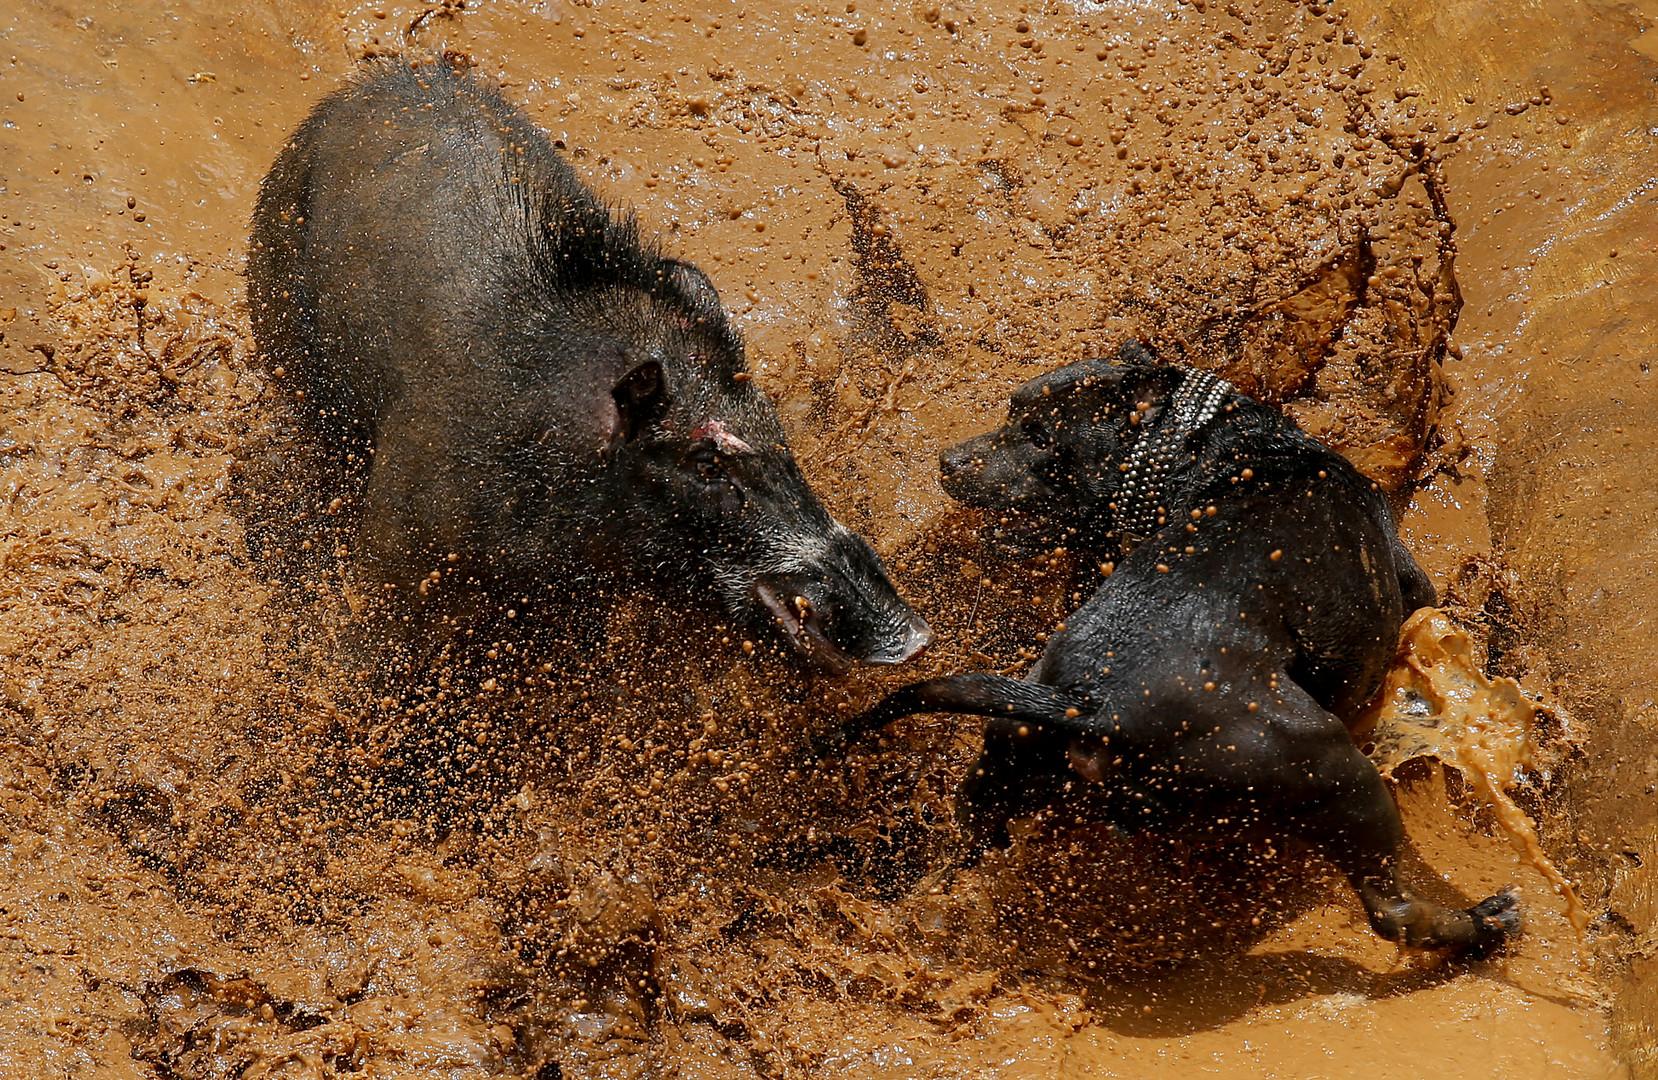 Pitbull vs. Wildschwein: Traditioneller Wettkampf auf Java sorgt für Empörung bei Tierschützern